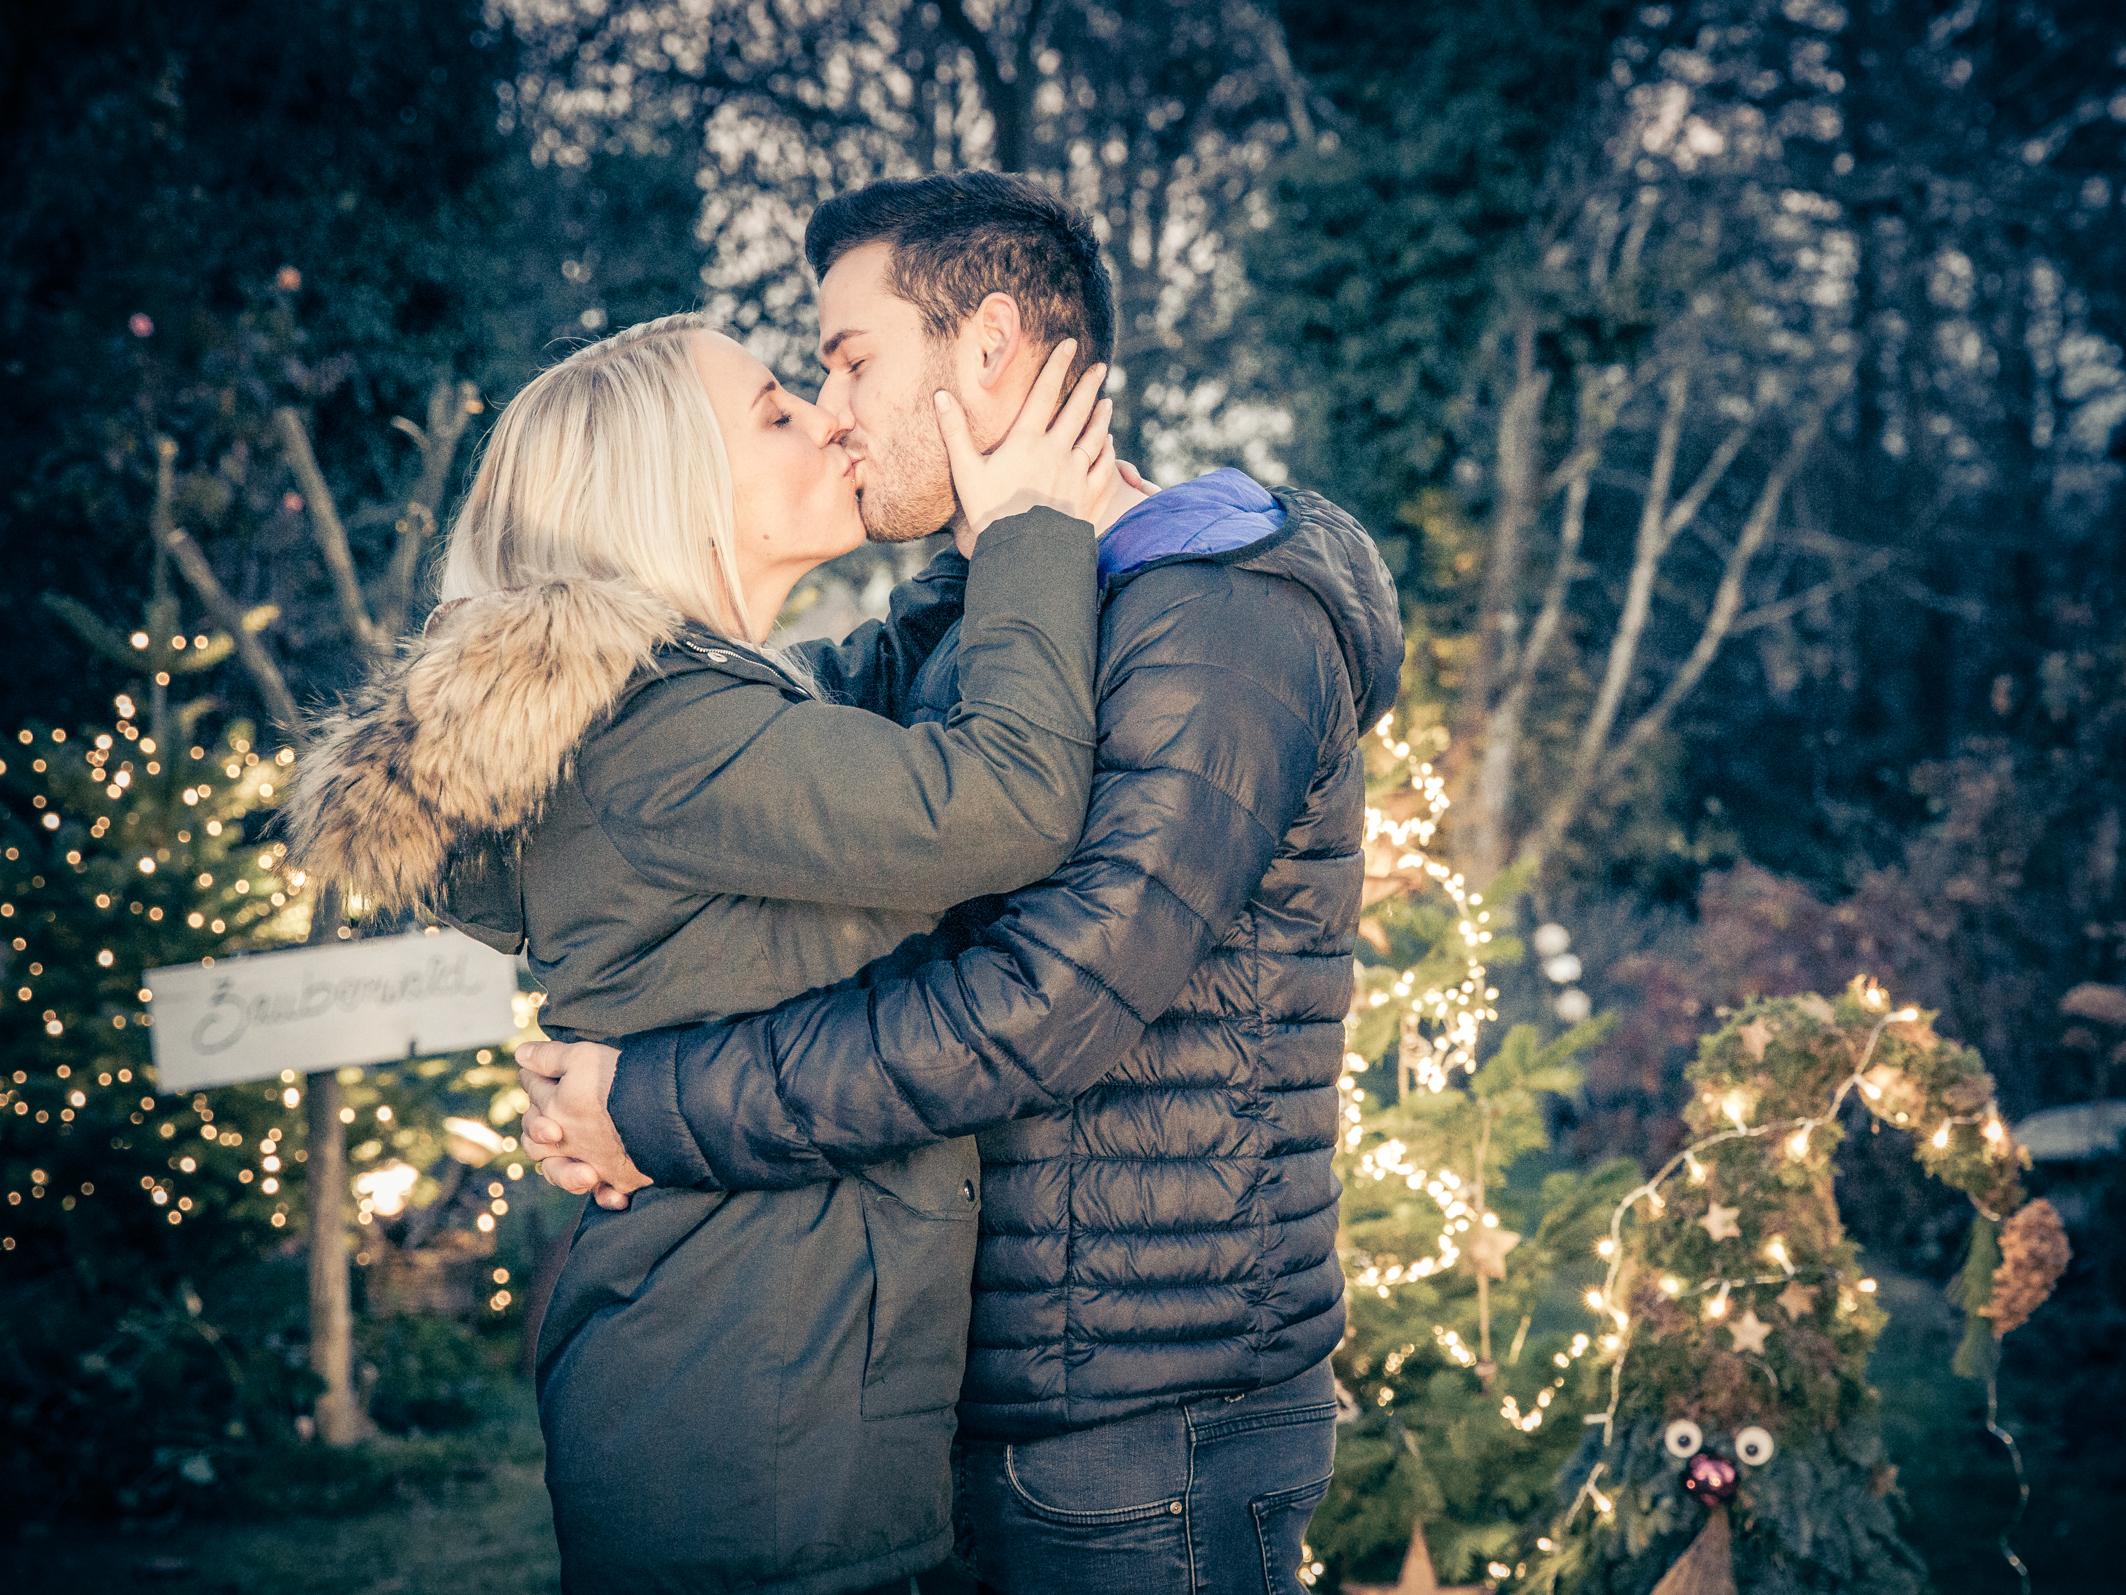 Zauberwald, Weihnachtsspecialangebot 2020Lichtblick